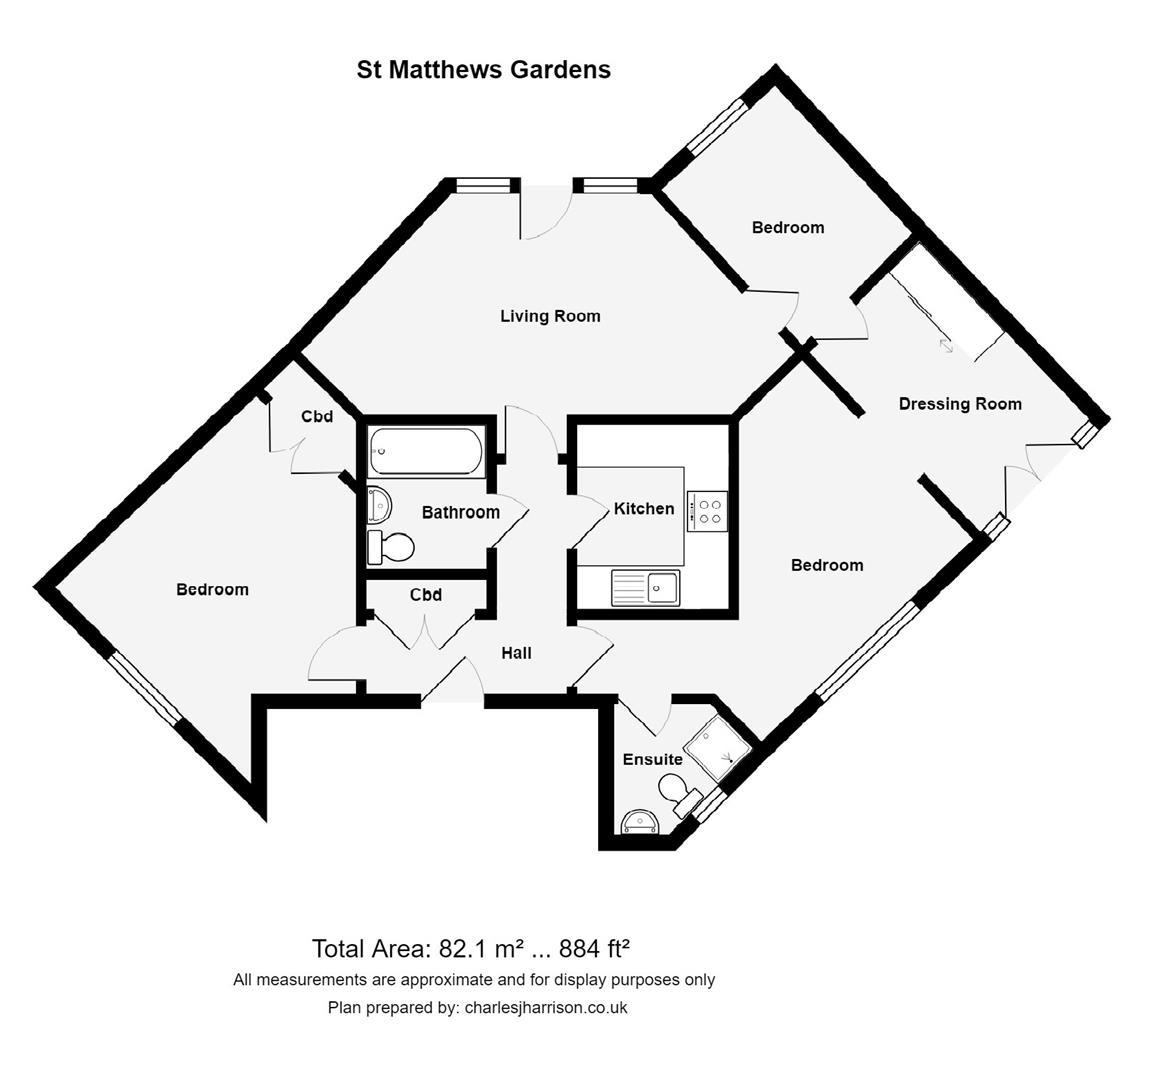 Floor plan St. Matthews Gardens, Cambridge